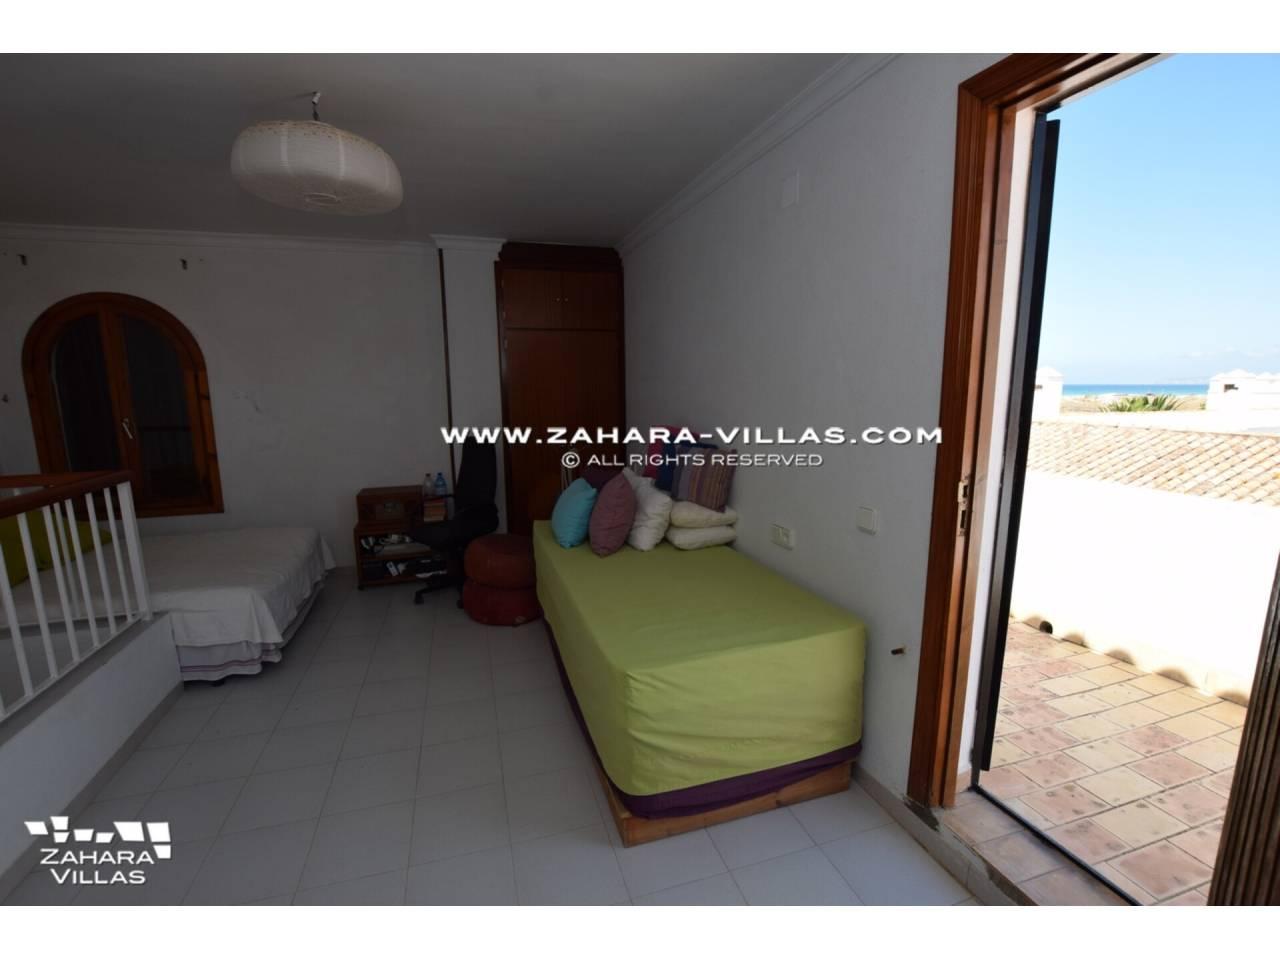 Imagen 33 de Casa en venta en segunda línea de playa, con vistas al mar en Zahara de los Atunes